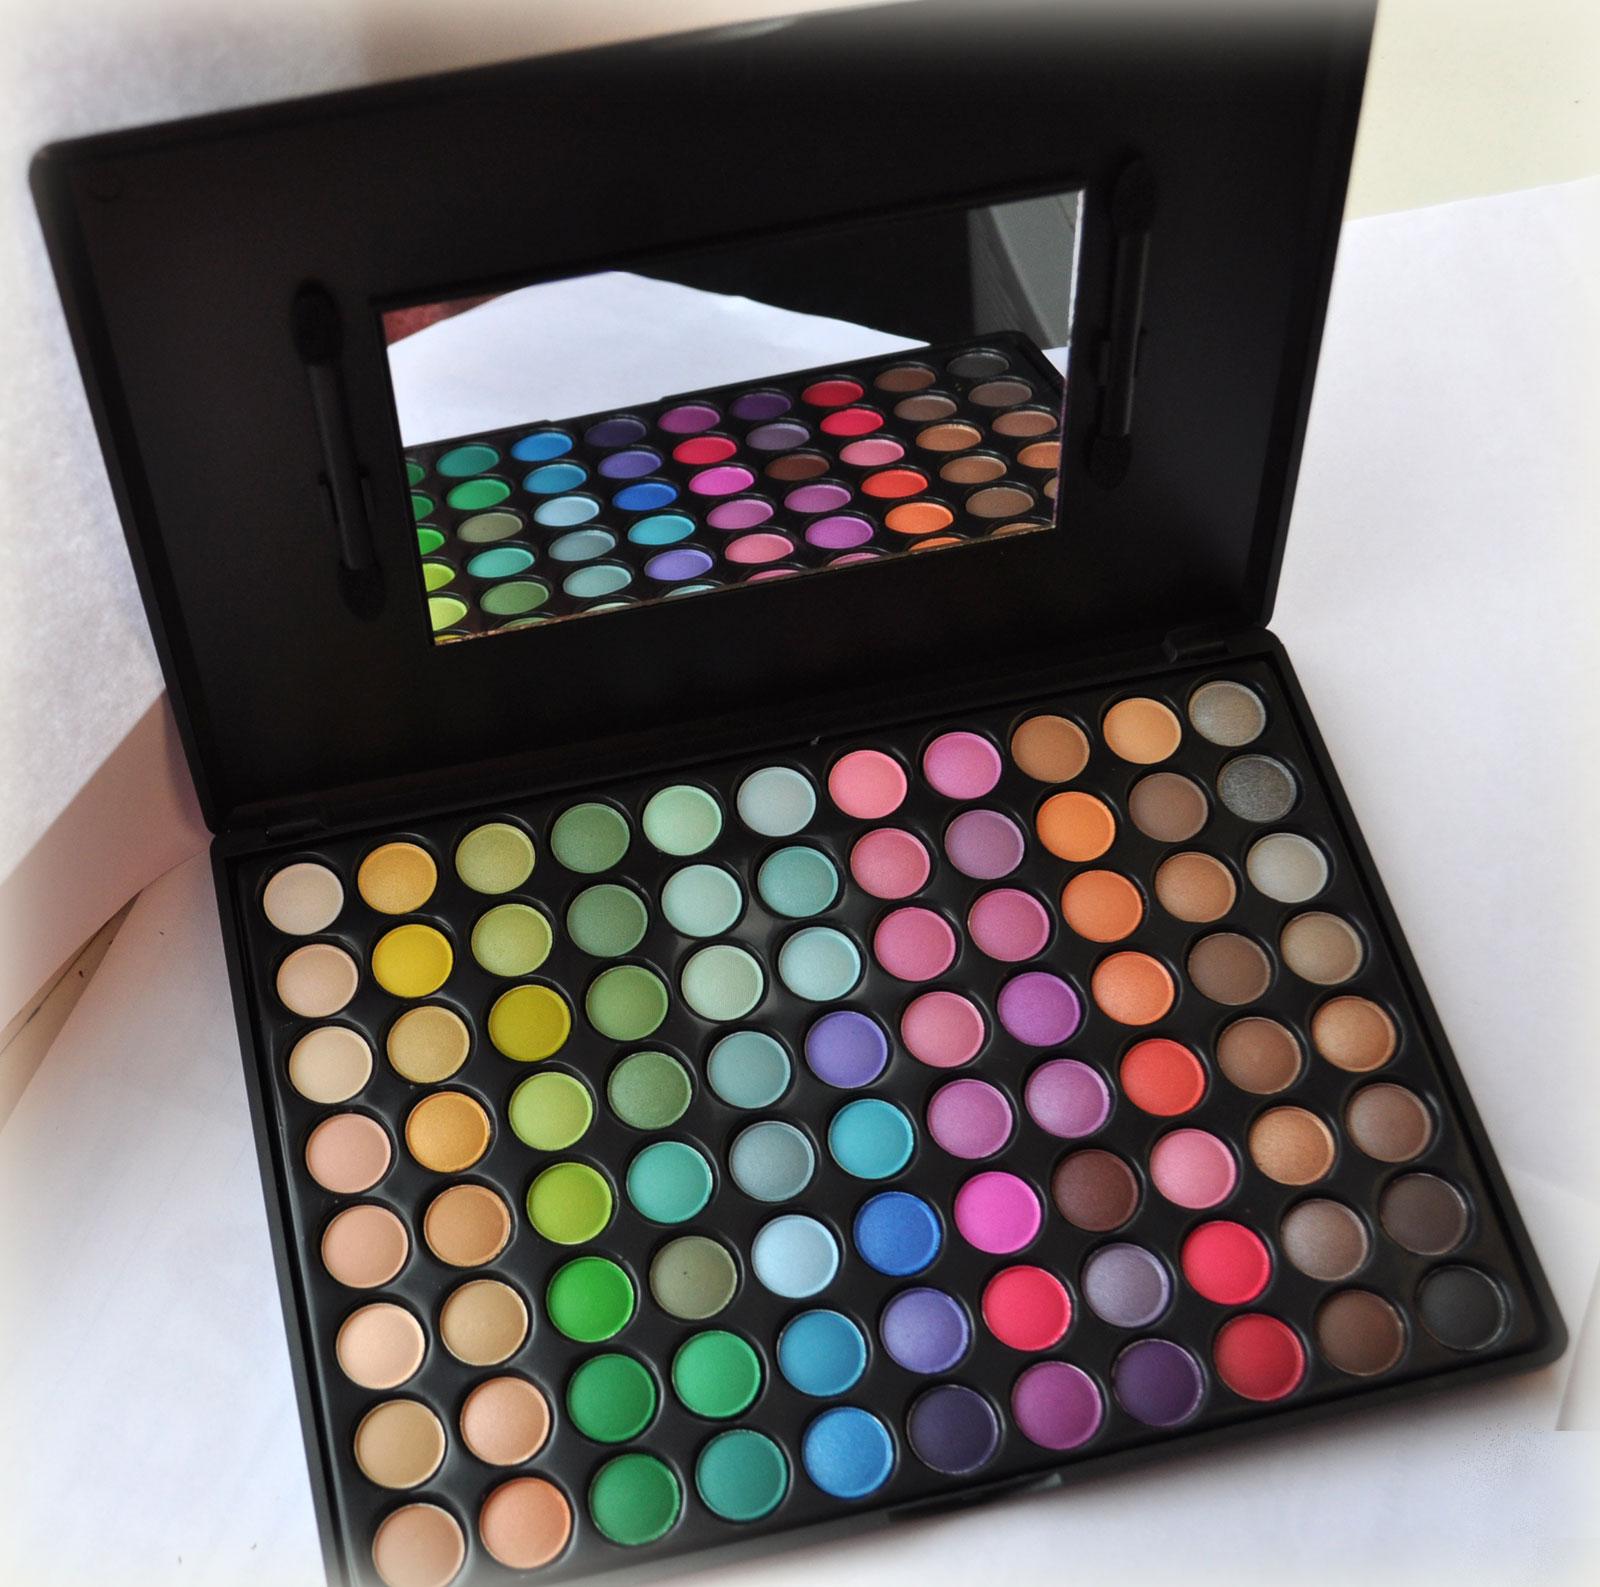 Палетка теней,глянцевый крем benefit,кисти для макияжа mac,акции,косметика benefit,lorac pro palette, mac cosmetics